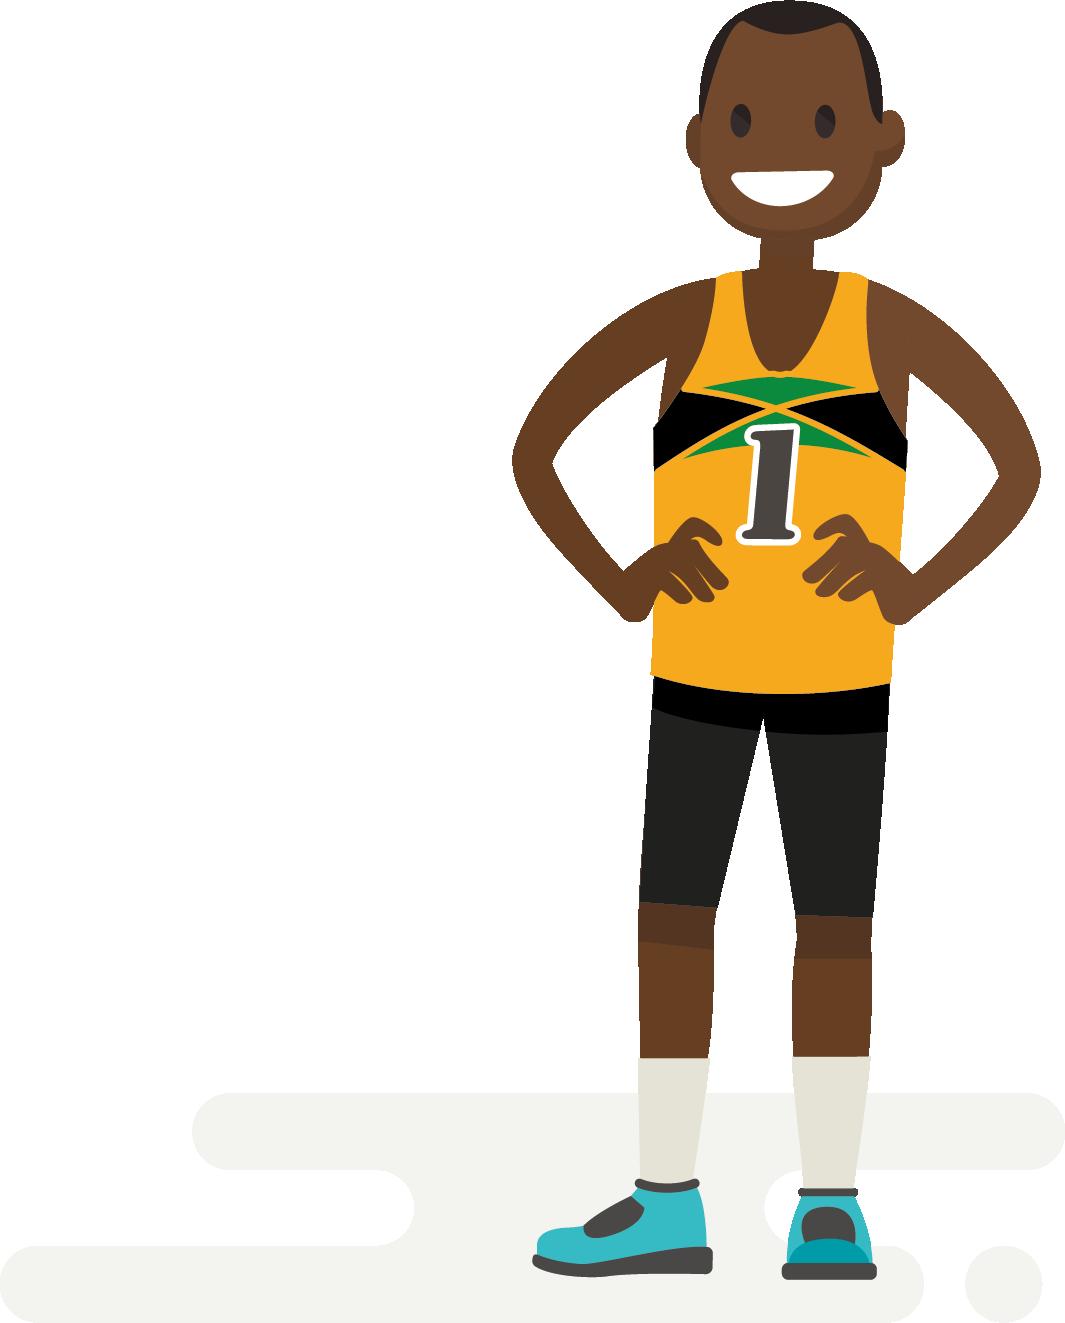 Usain Bolt, uno de los atletas de élite que han recurrido a la quiropráctica